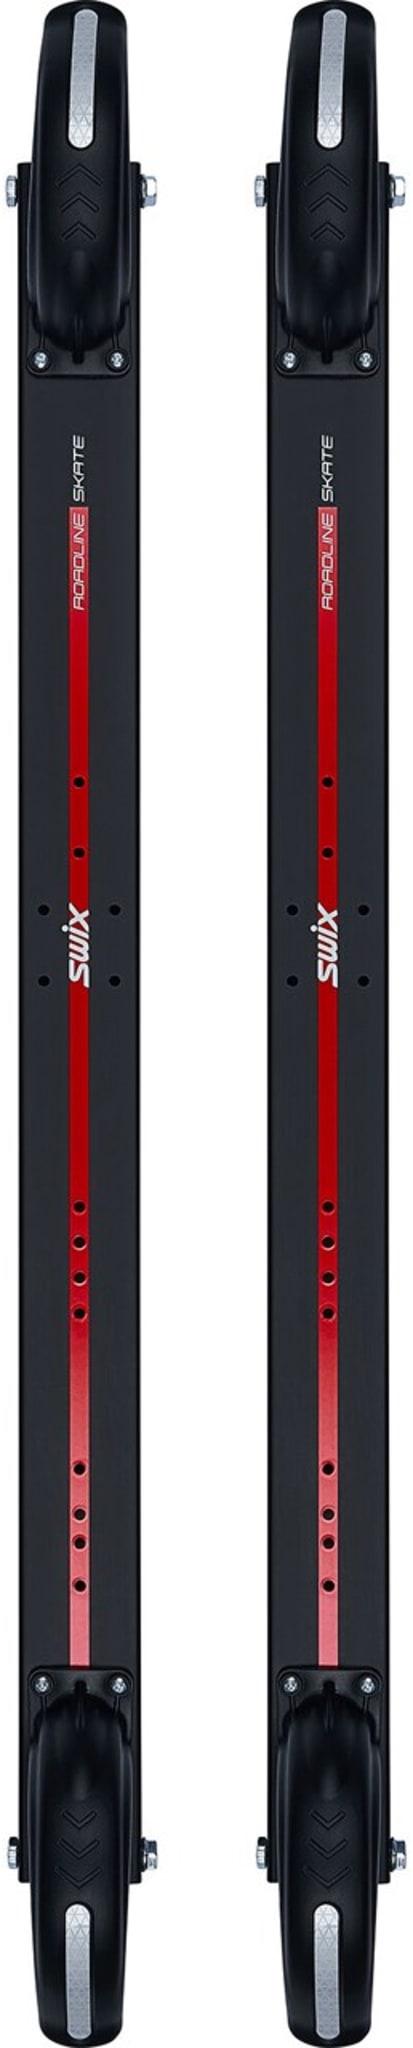 Skøyterulleski med lang stamme og lavt tyngdepunkt, som er lettest i sin klasse.